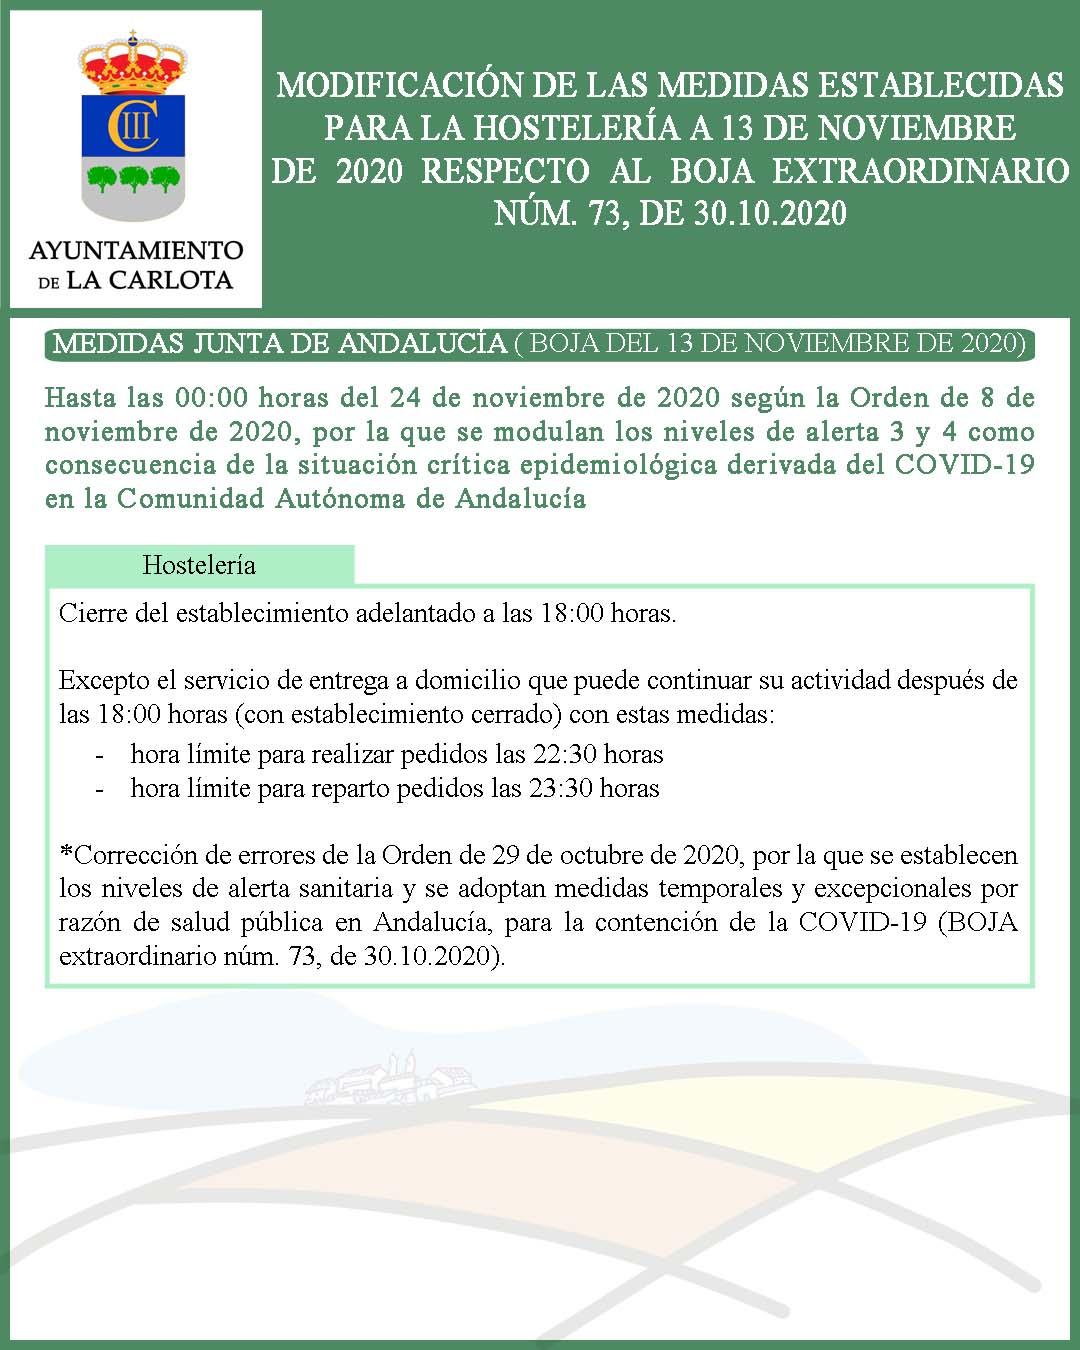 MODIFICACIÓN DE LAS MEDIDAS ESTABLECIDAS PARA LA HOSTELERÍA A 13 DE NOVIEMBRE DE 2020 RESPECTO AL BOJA EXTRAORDINARIO NÚM. 73, DE 30.10.2020  1